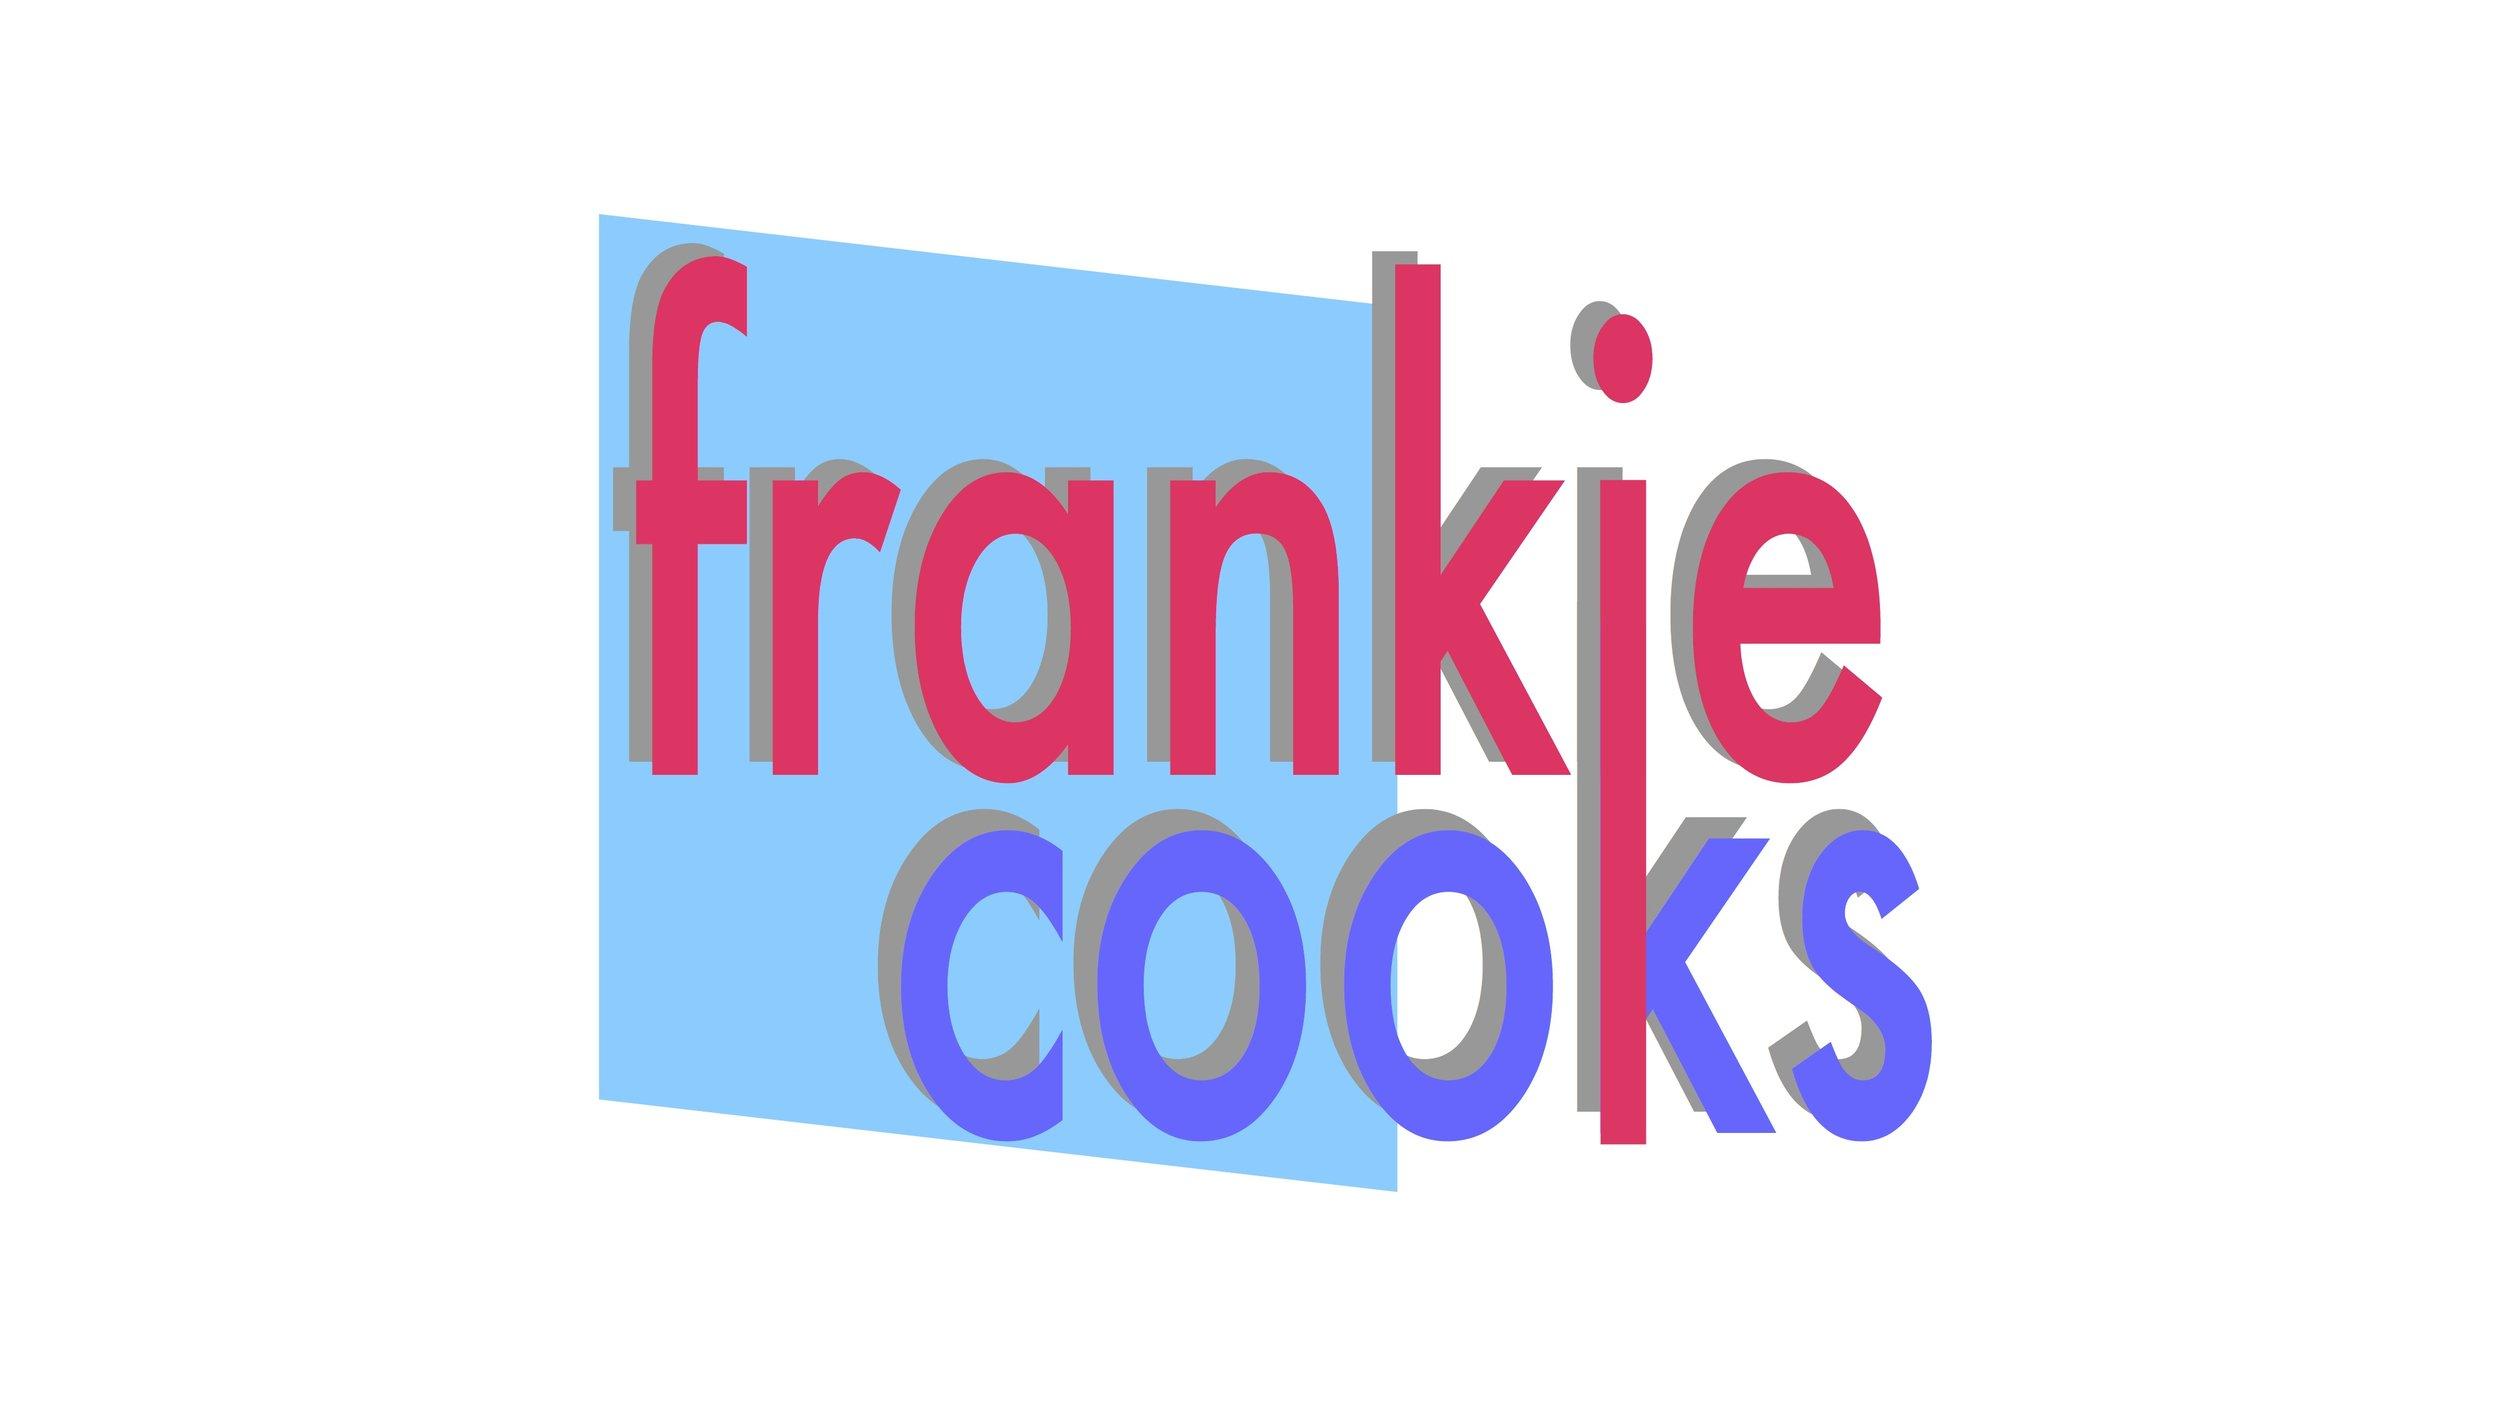 Frankie Cooks New logo.jpg